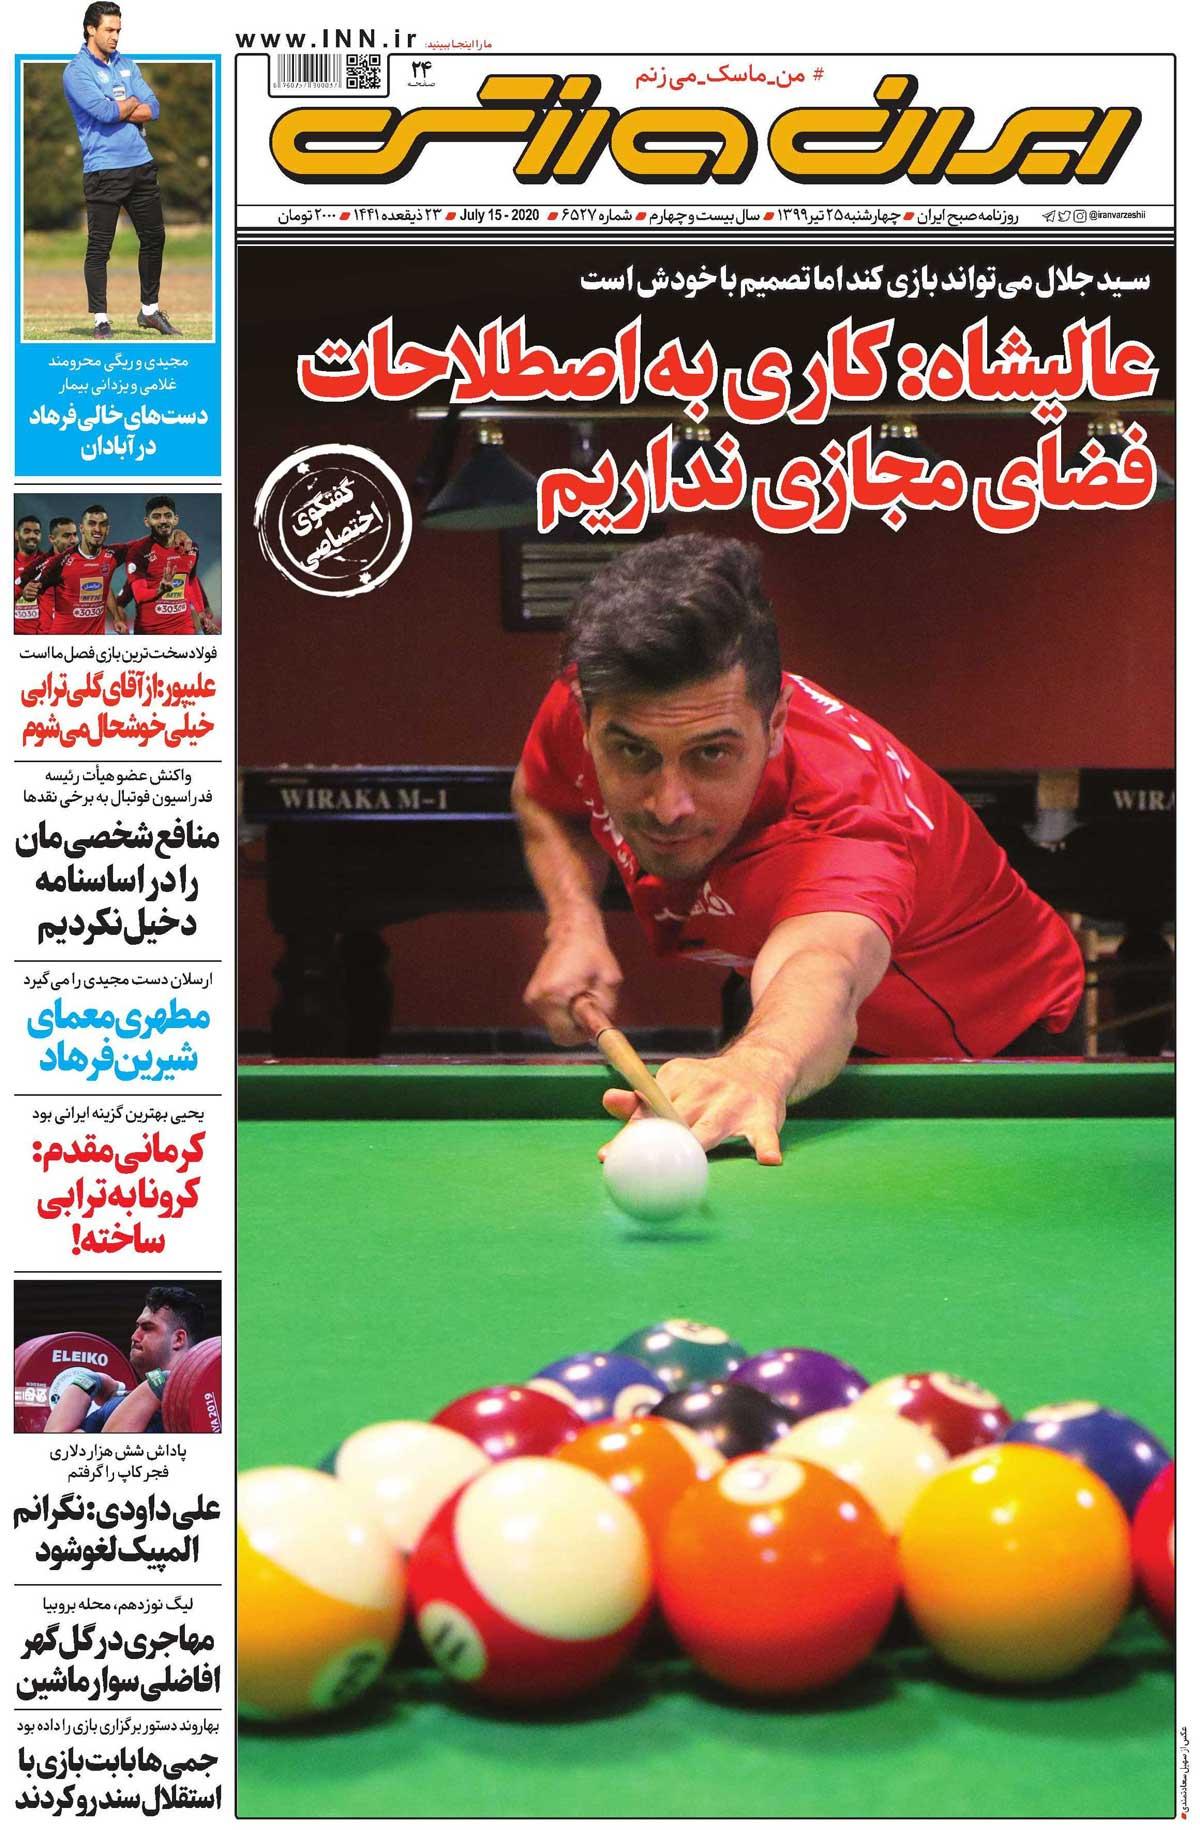 جلد روزنامه ایرانورزشی چهارشنبه ۲۵ تیر ۹۹